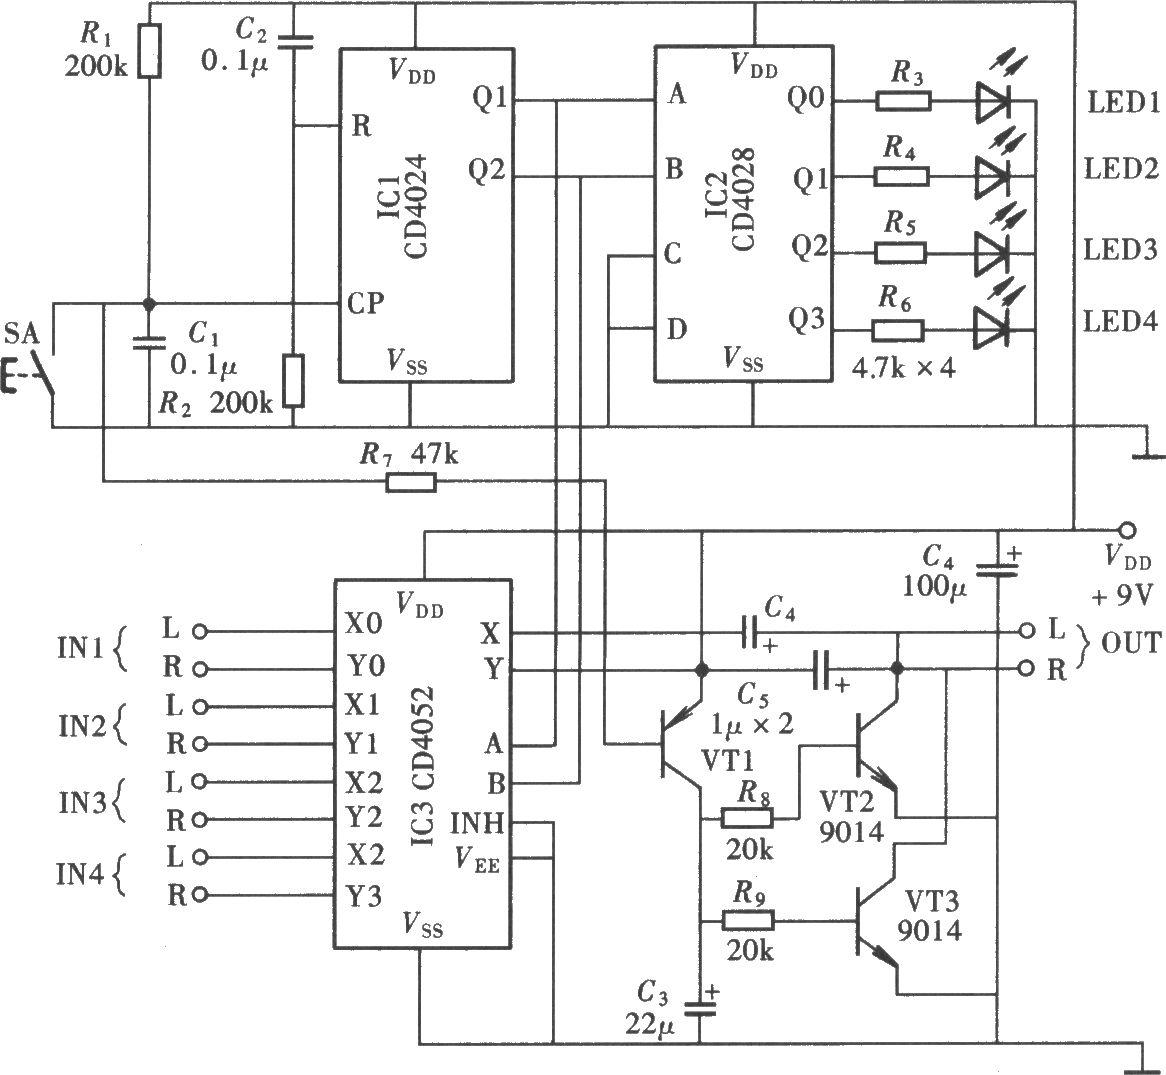 如图所示的声源切换电路可以按照需要,将四种不同的声信号源切换到音响功率放大器的输入端,由于采用了电子开关,可完全消除原来使用机械切换开关所产生的噪声,保证了输入信号的质量,电路组成如图所示。电路由通道切换控制电路、通道选择电路和通道显示电路组成。通道切换控制电路由一只七级二进制计数/分频电路CD4024和一只按键开关组成。